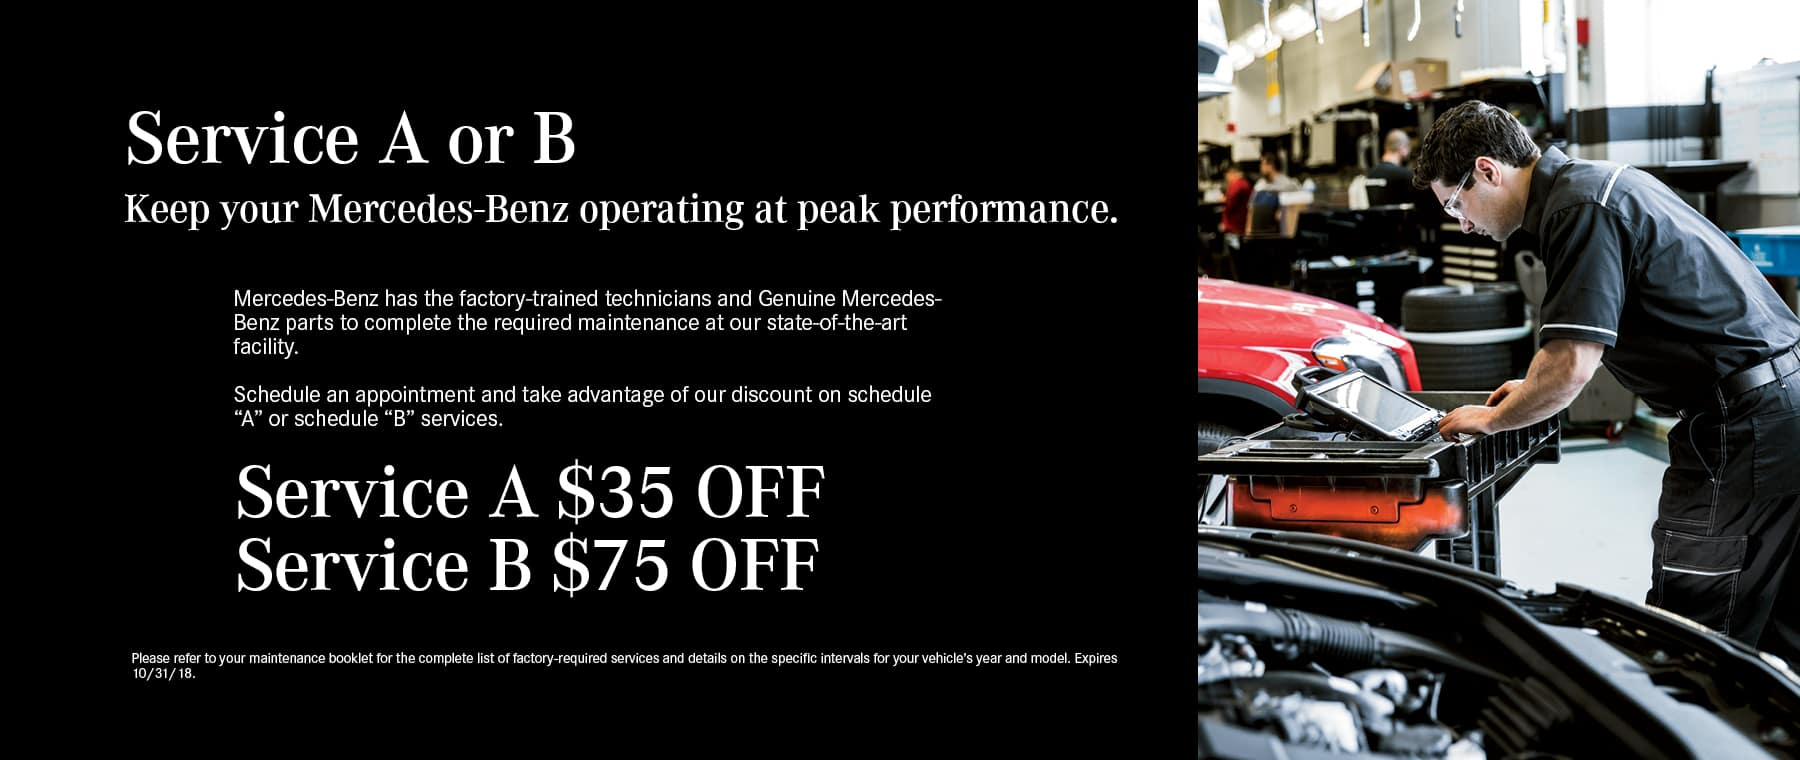 Mercedes Benz Service Specials